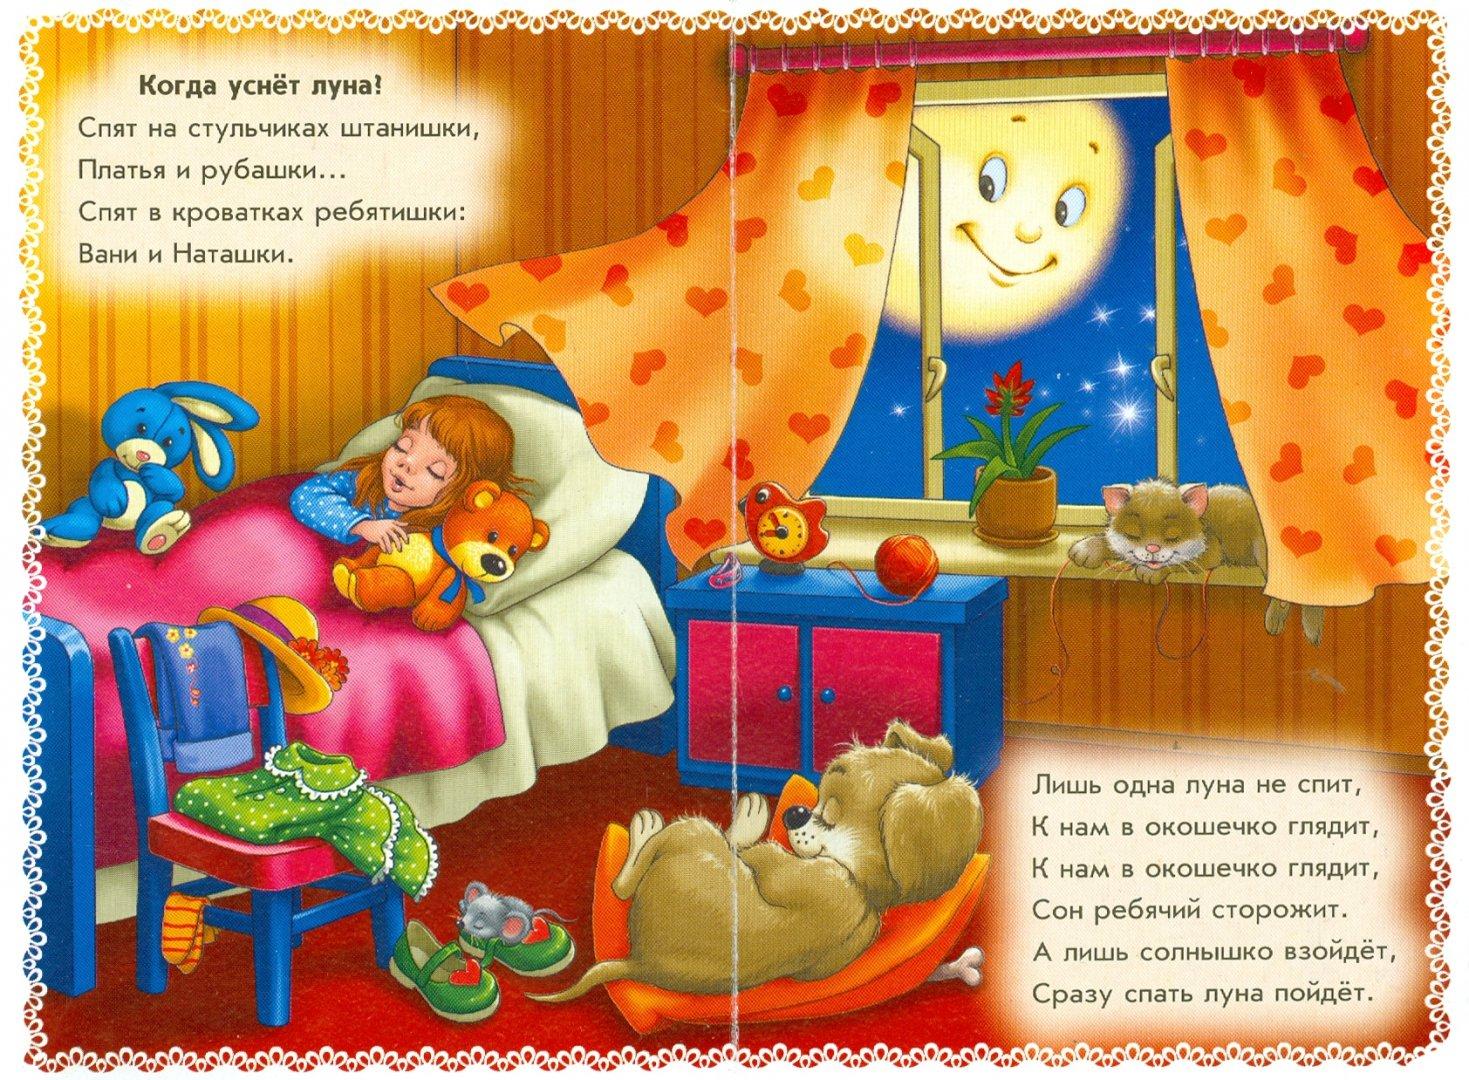 Иллюстрация 1 из 10 для Колыбельные для девочек - Ирина Солнышко   Лабиринт - книги. Источник: Лабиринт